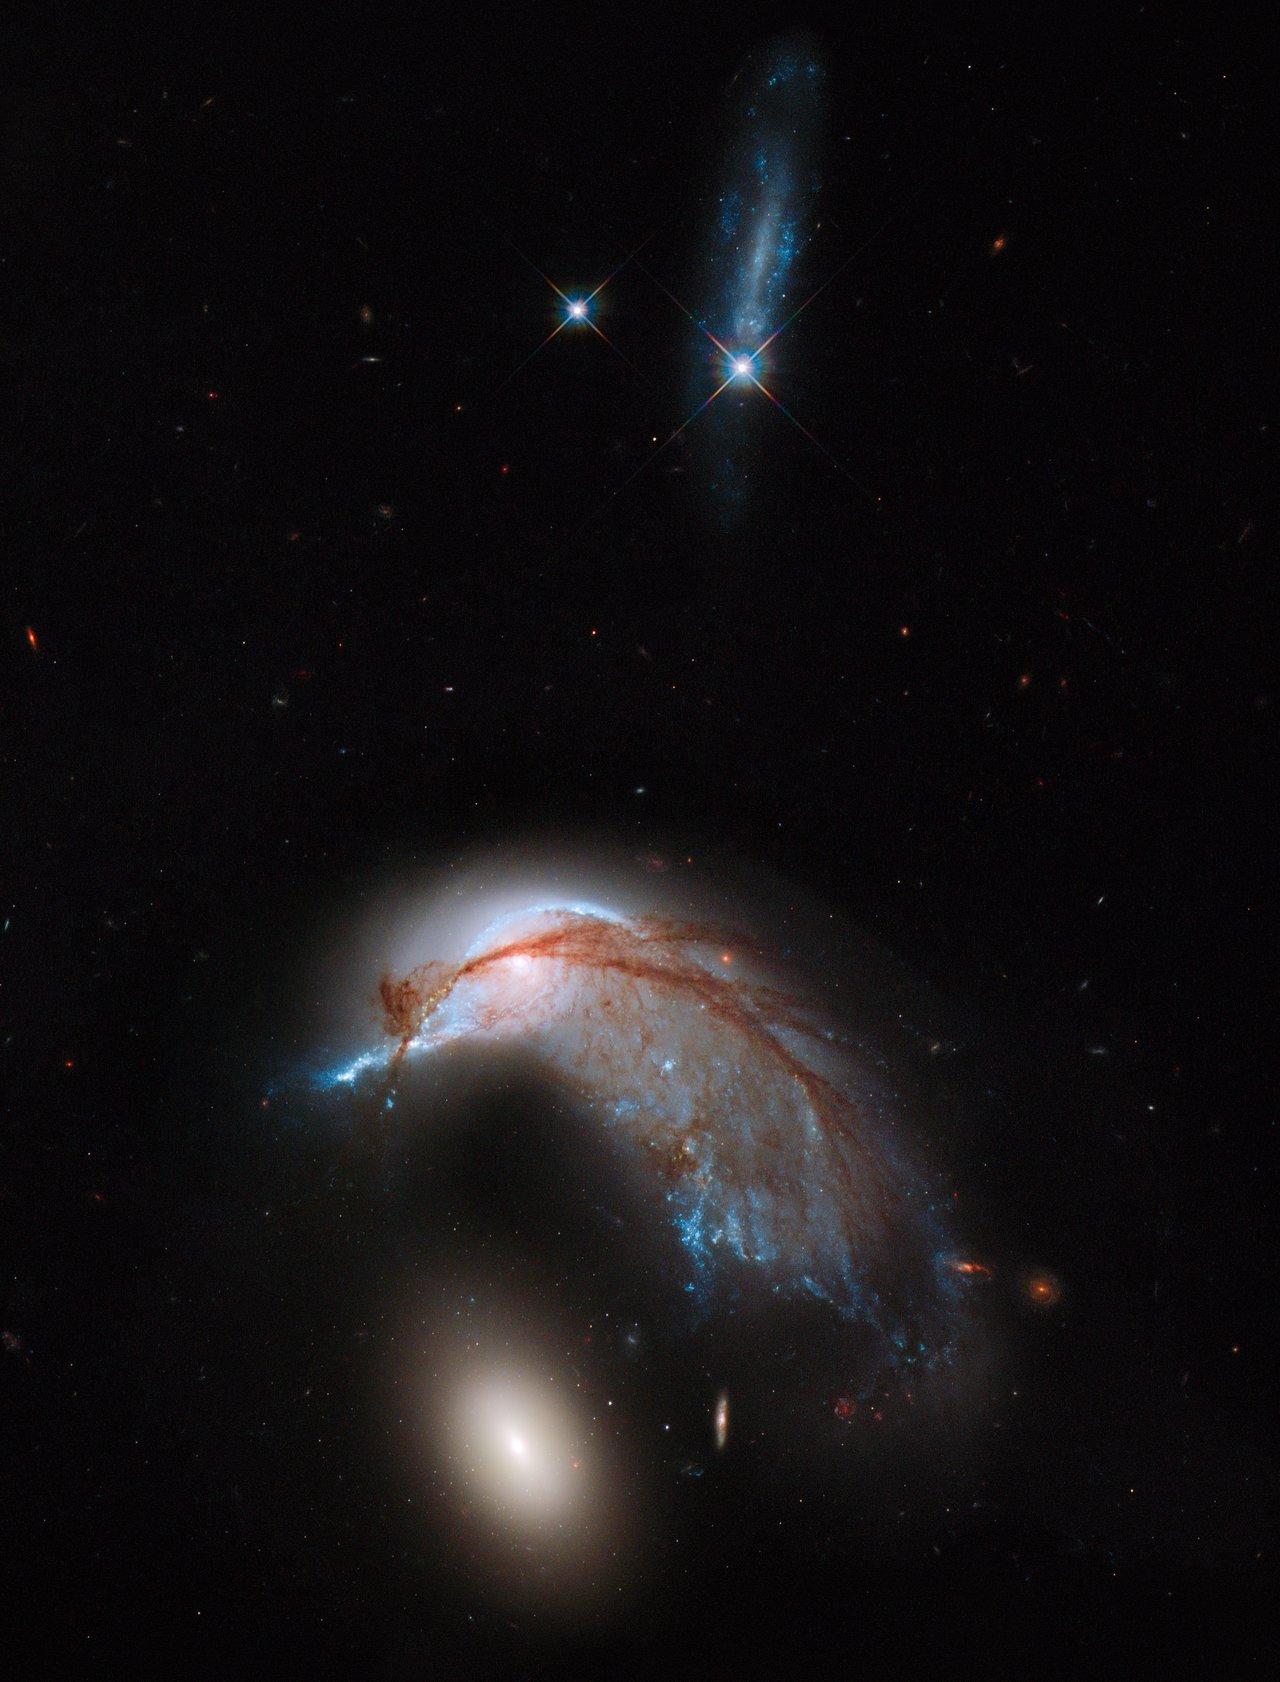 Космический телескоп Хаббл (статья плюс ролик) - 16